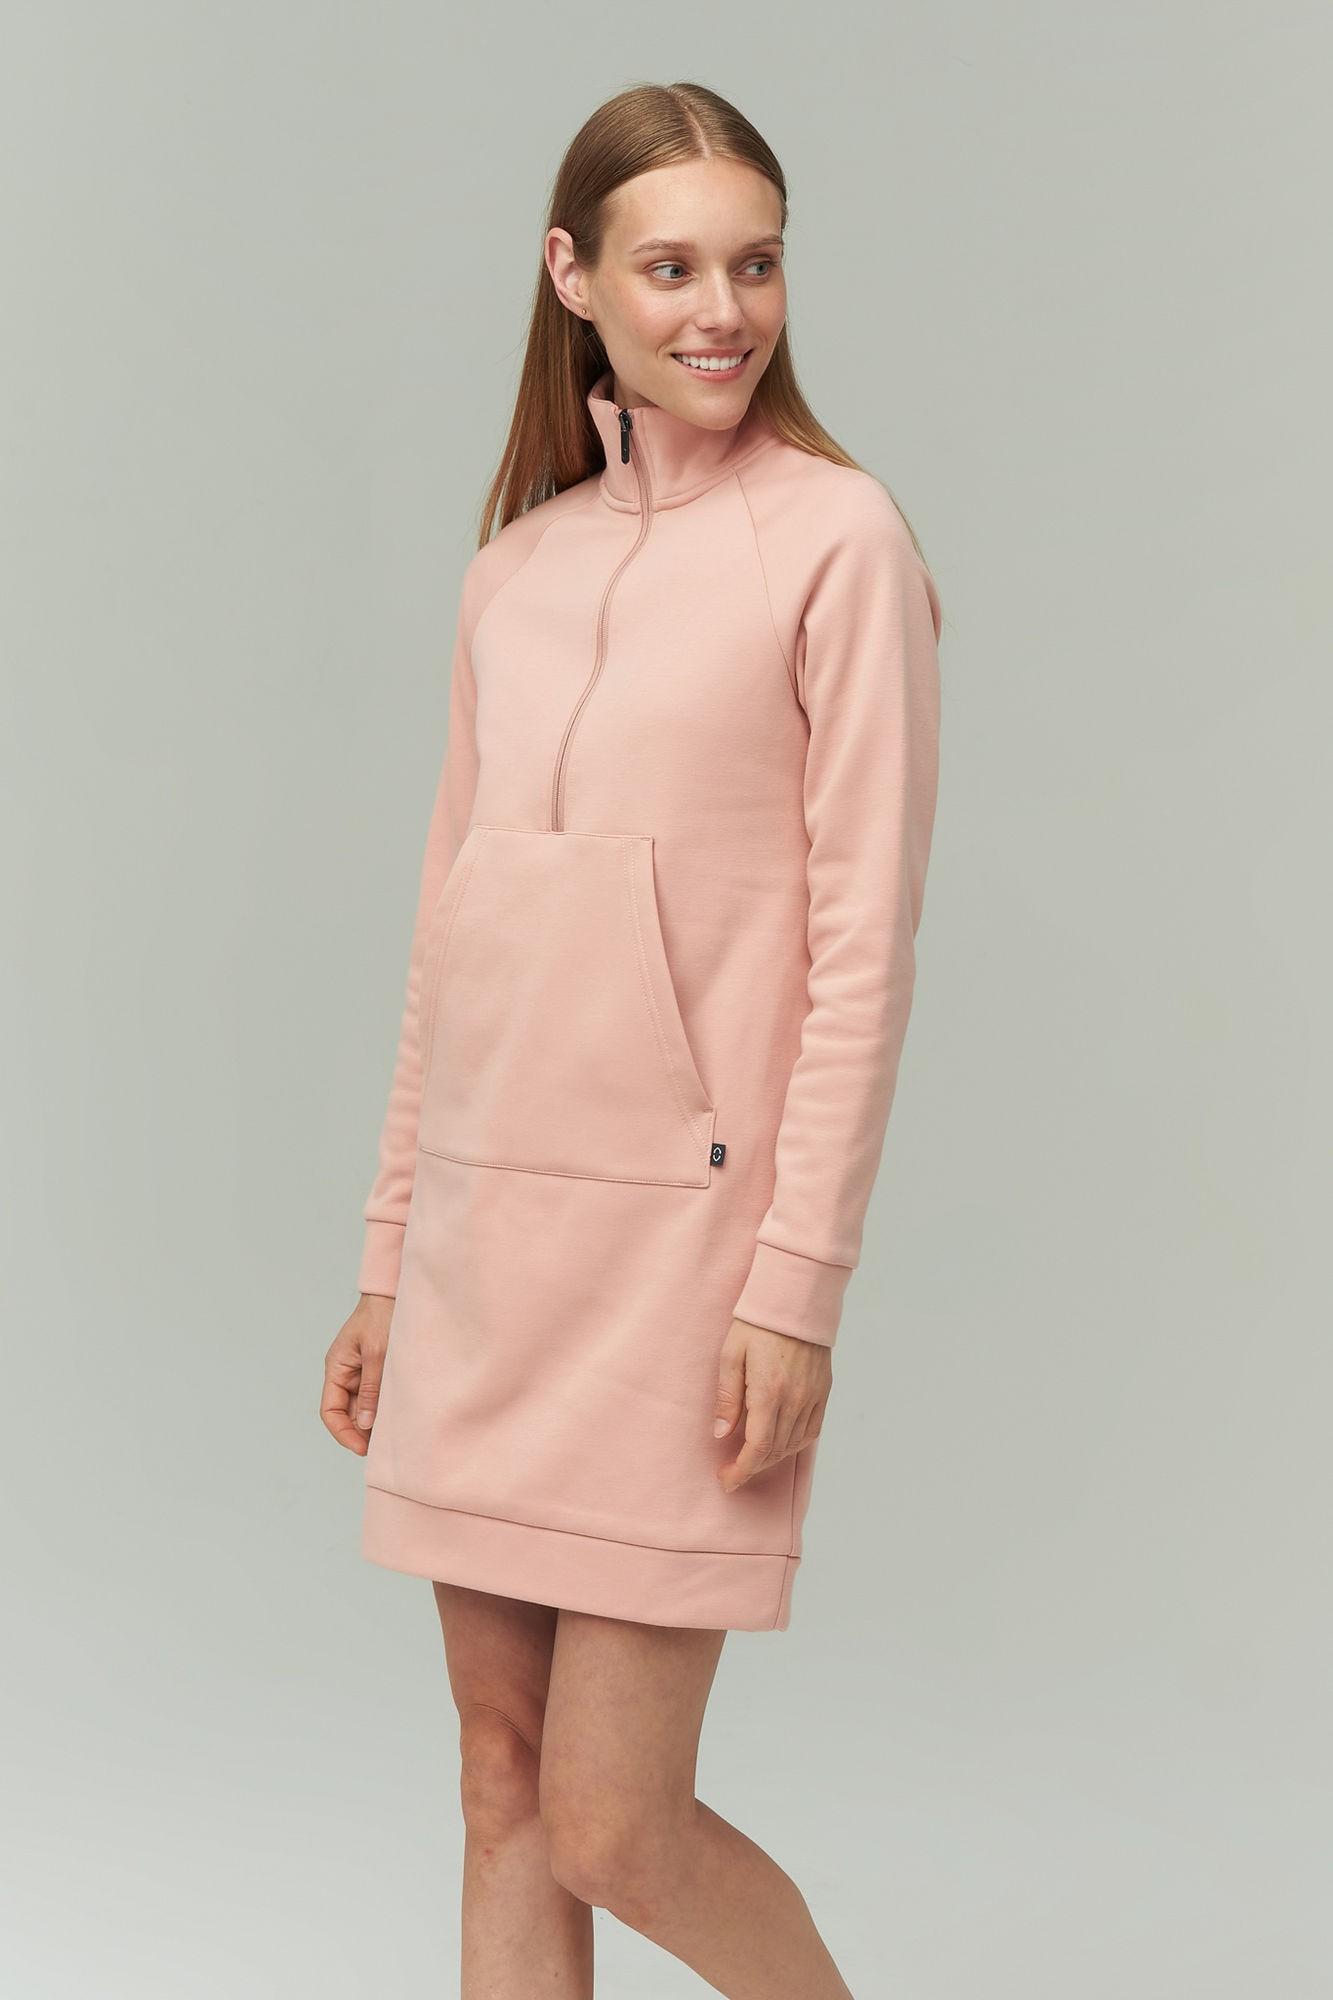 AUDIMAS Medvilninė suknelė švelniu vidumi 2021-069 Misty Rose XS